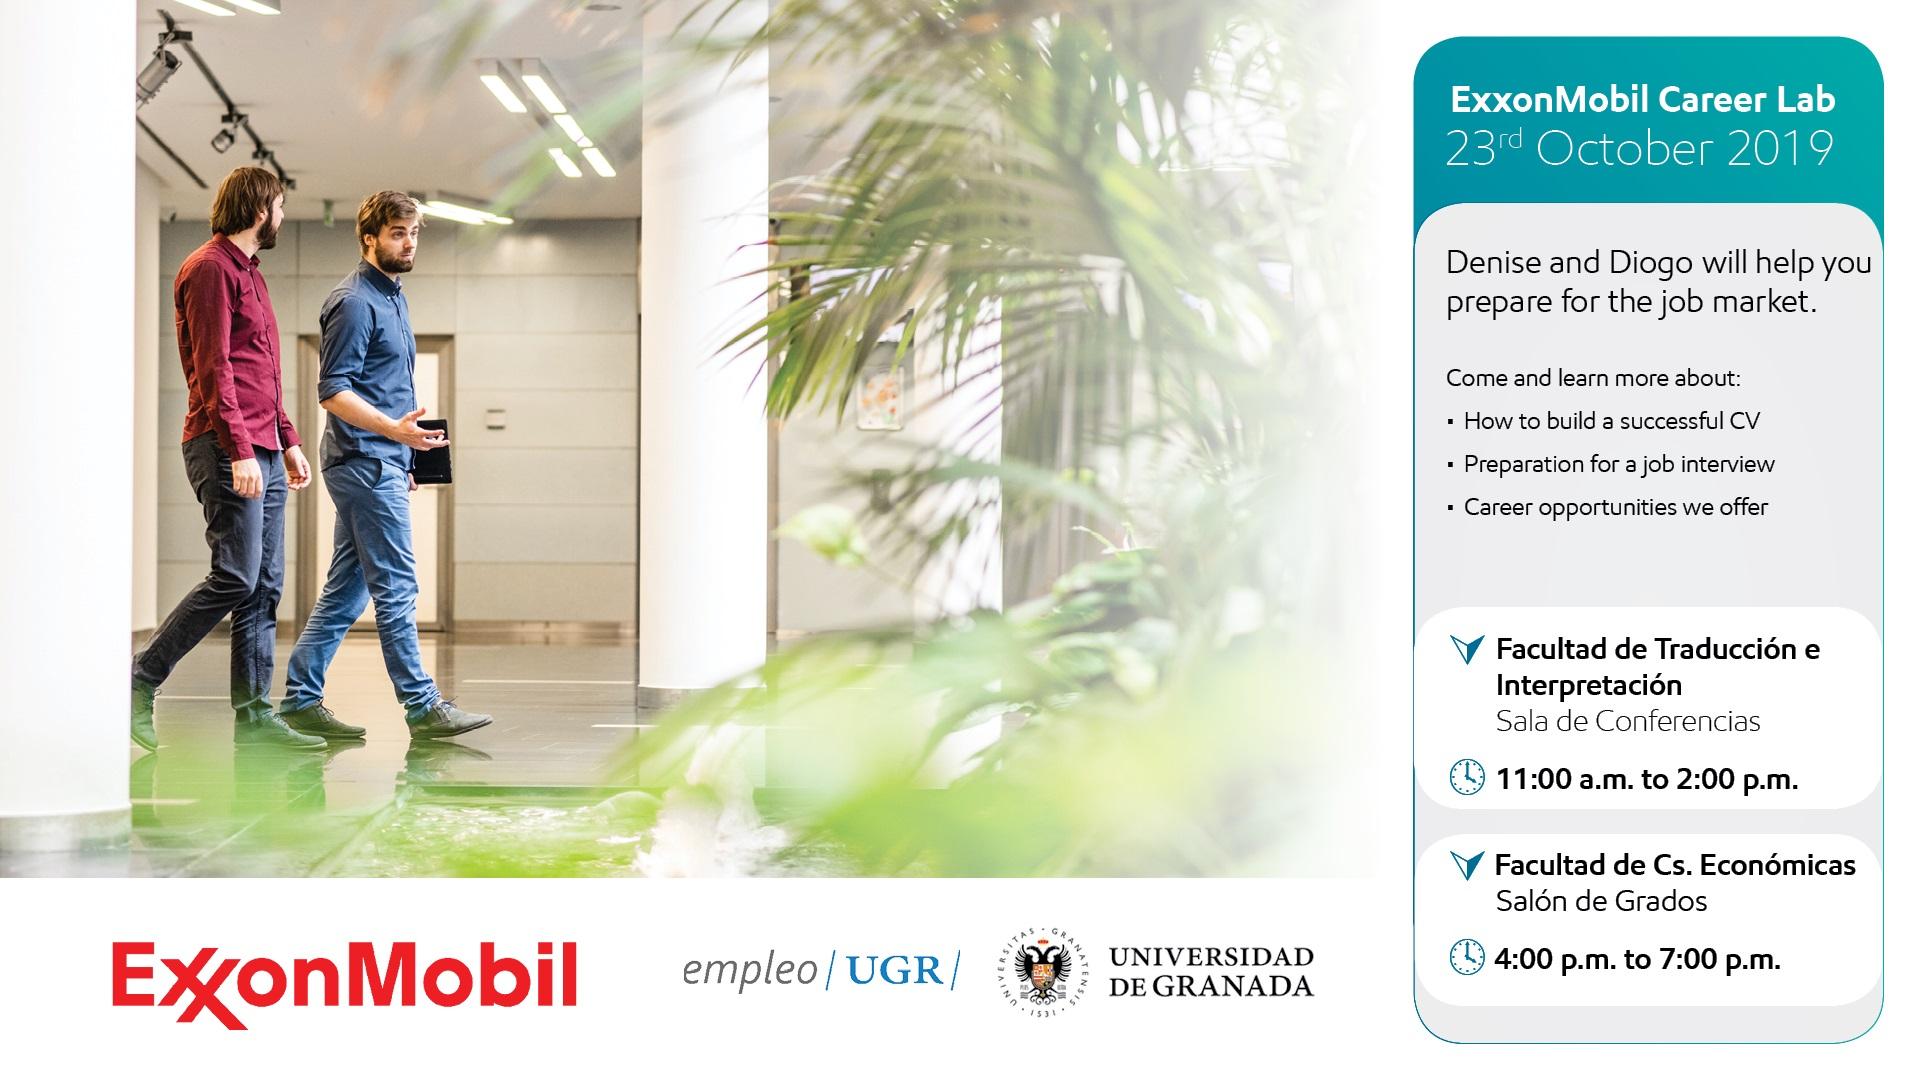 Imagen de portada de La Agencia de Colocación de la Universidad de Granda organiza la presentación de Exxonmobil